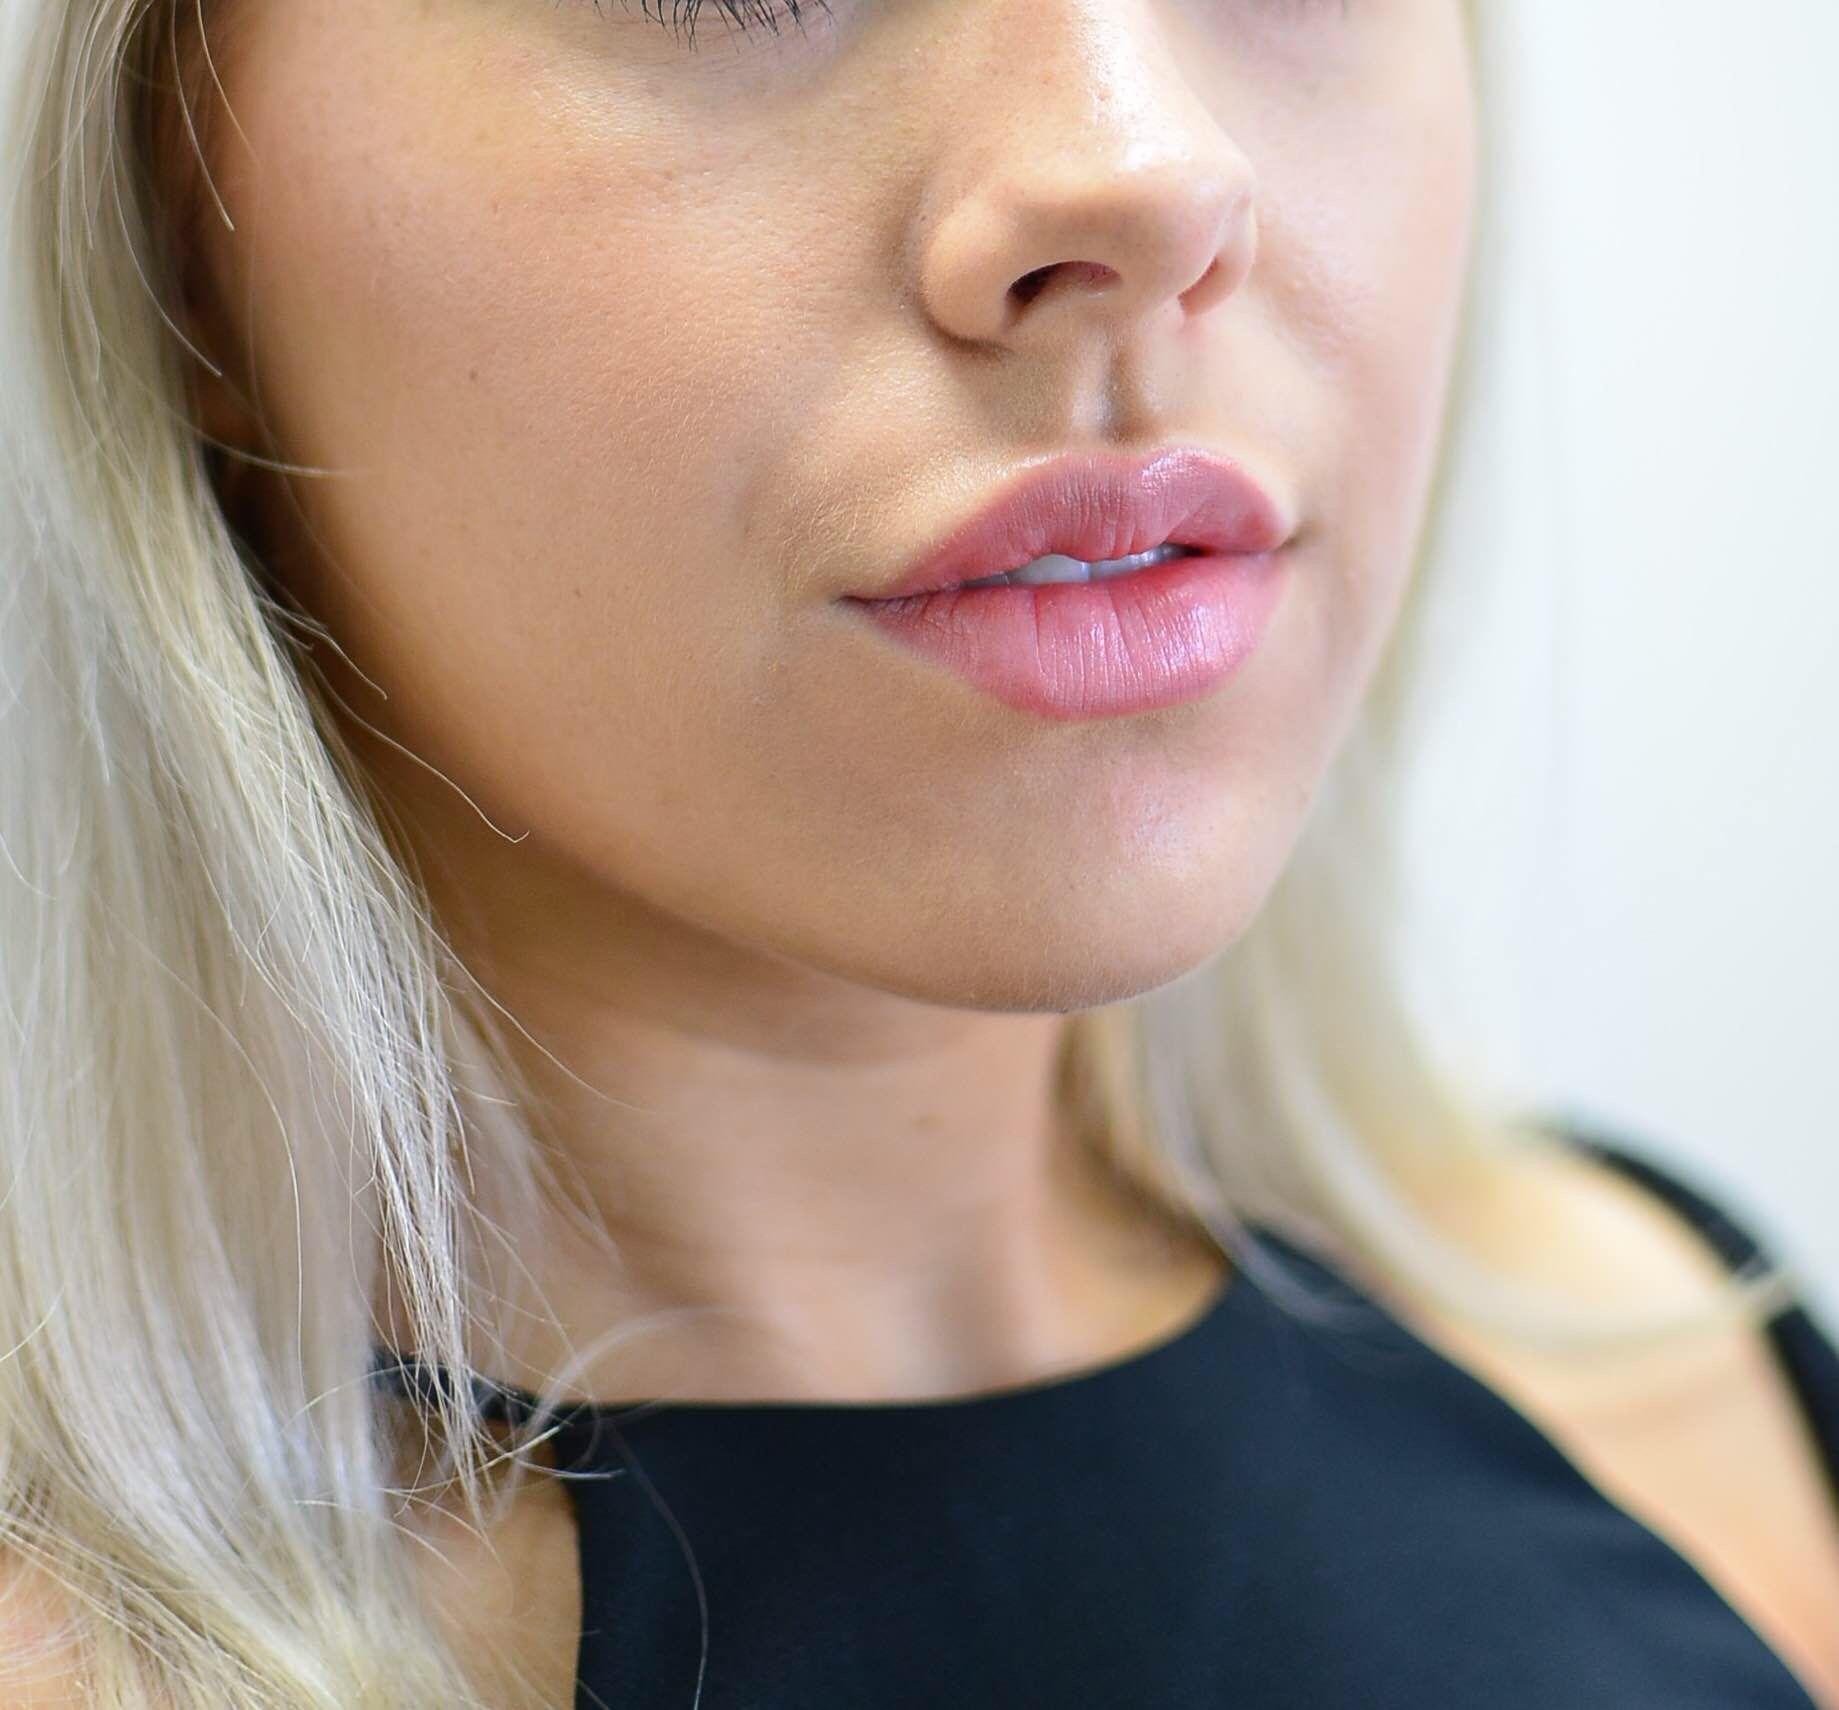 Dermal lip filler by Dr. Le